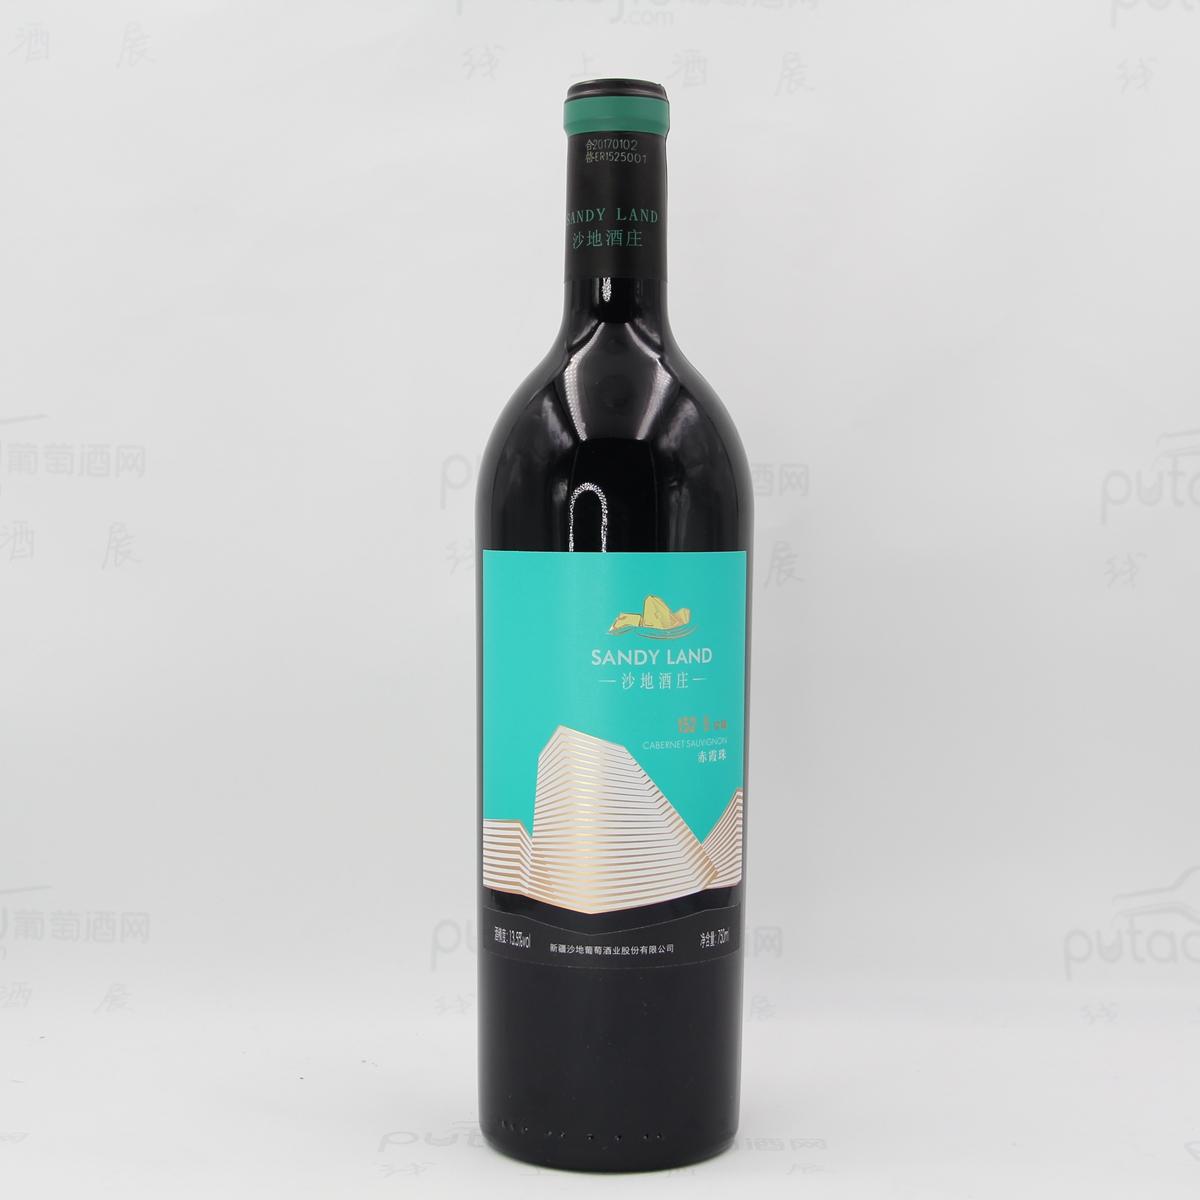 沙地酒庄 152-5窖藏赤霞珠干红葡萄酒